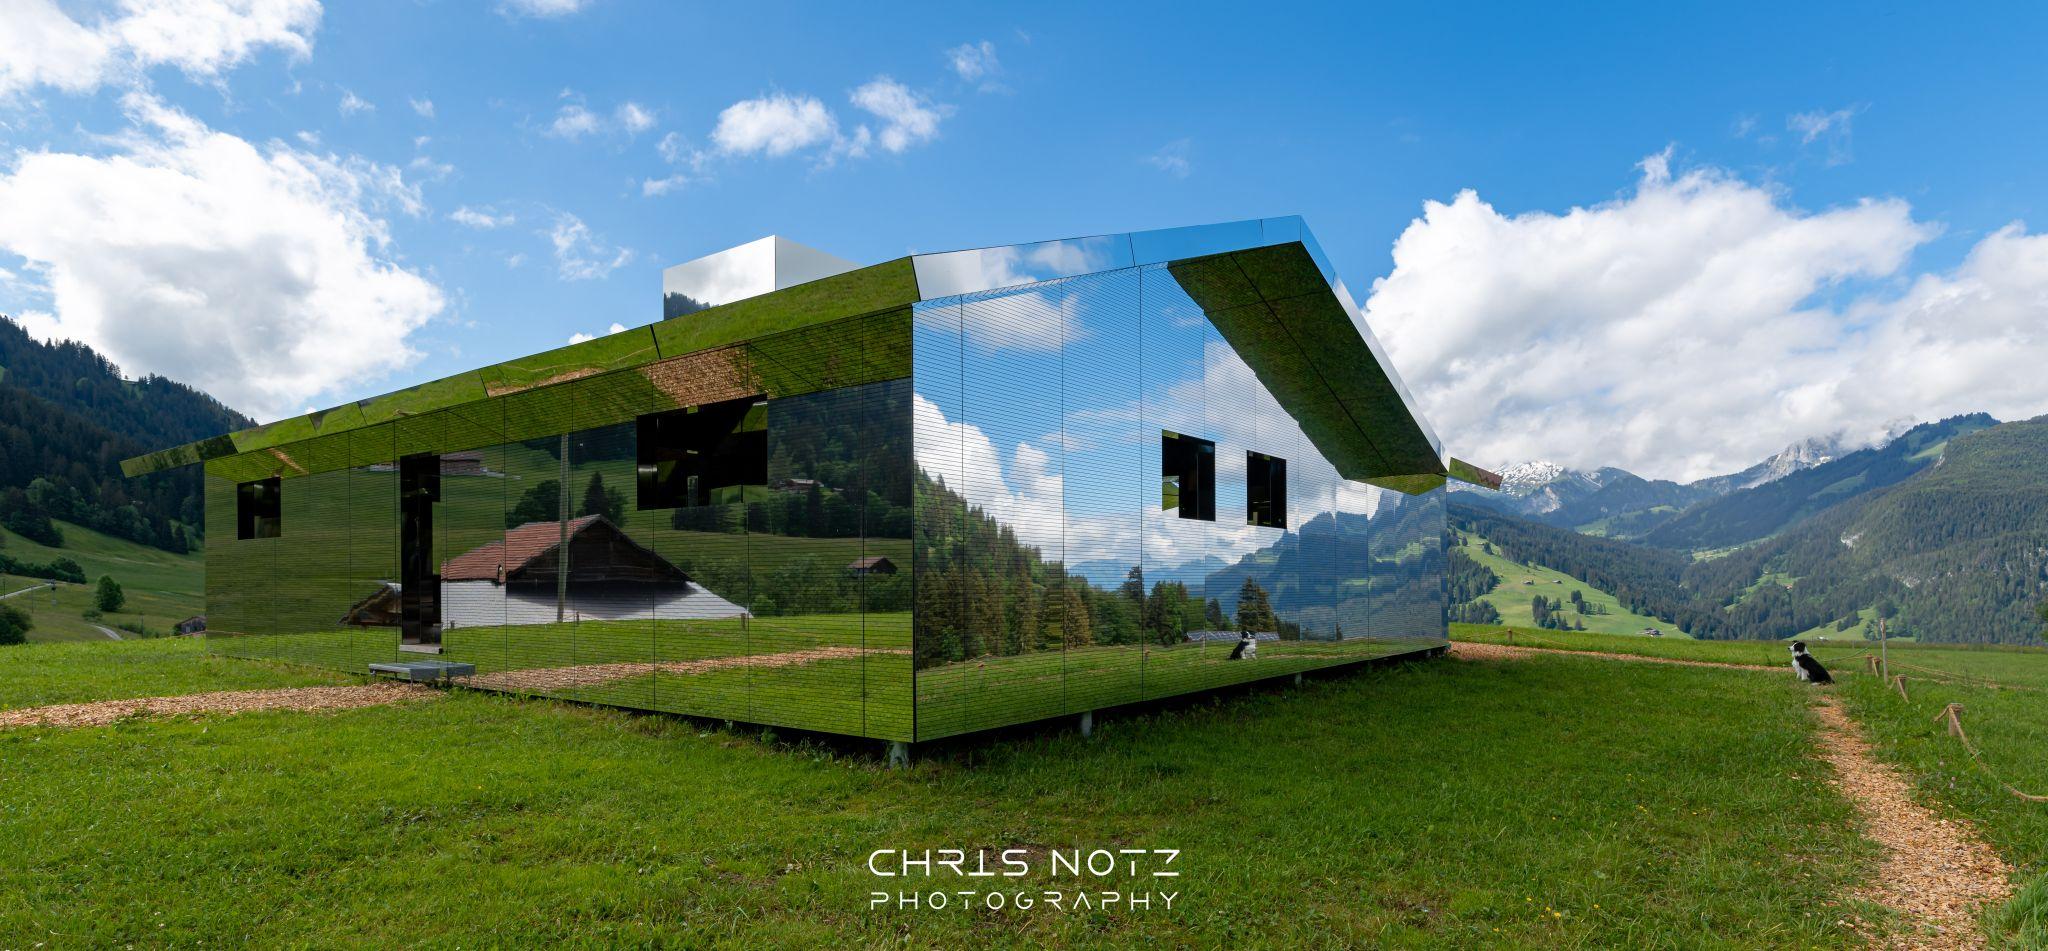 Mirage at Gstaad, Switzerland